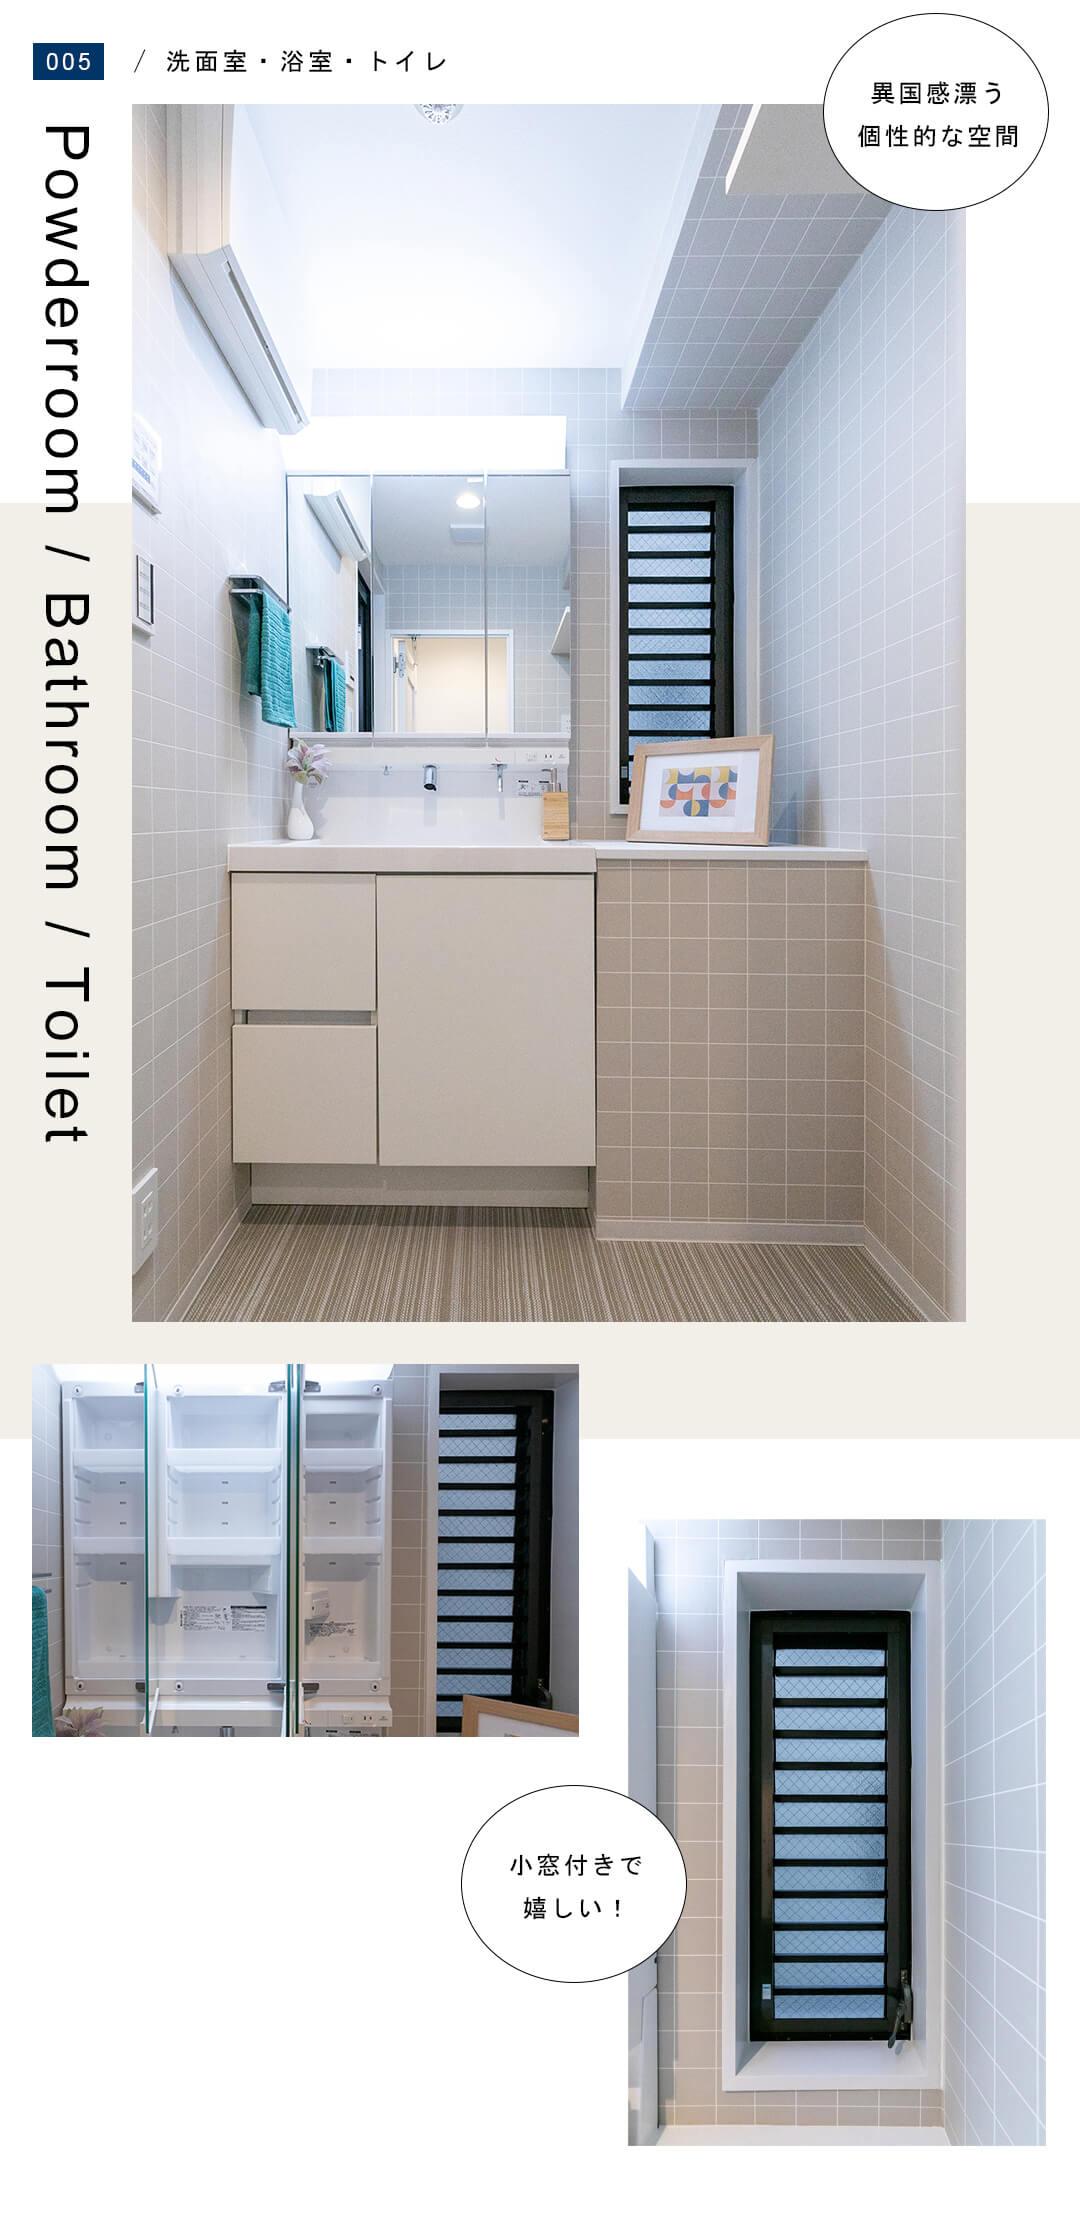 バームハイツ菊名参番館壱の洗面室